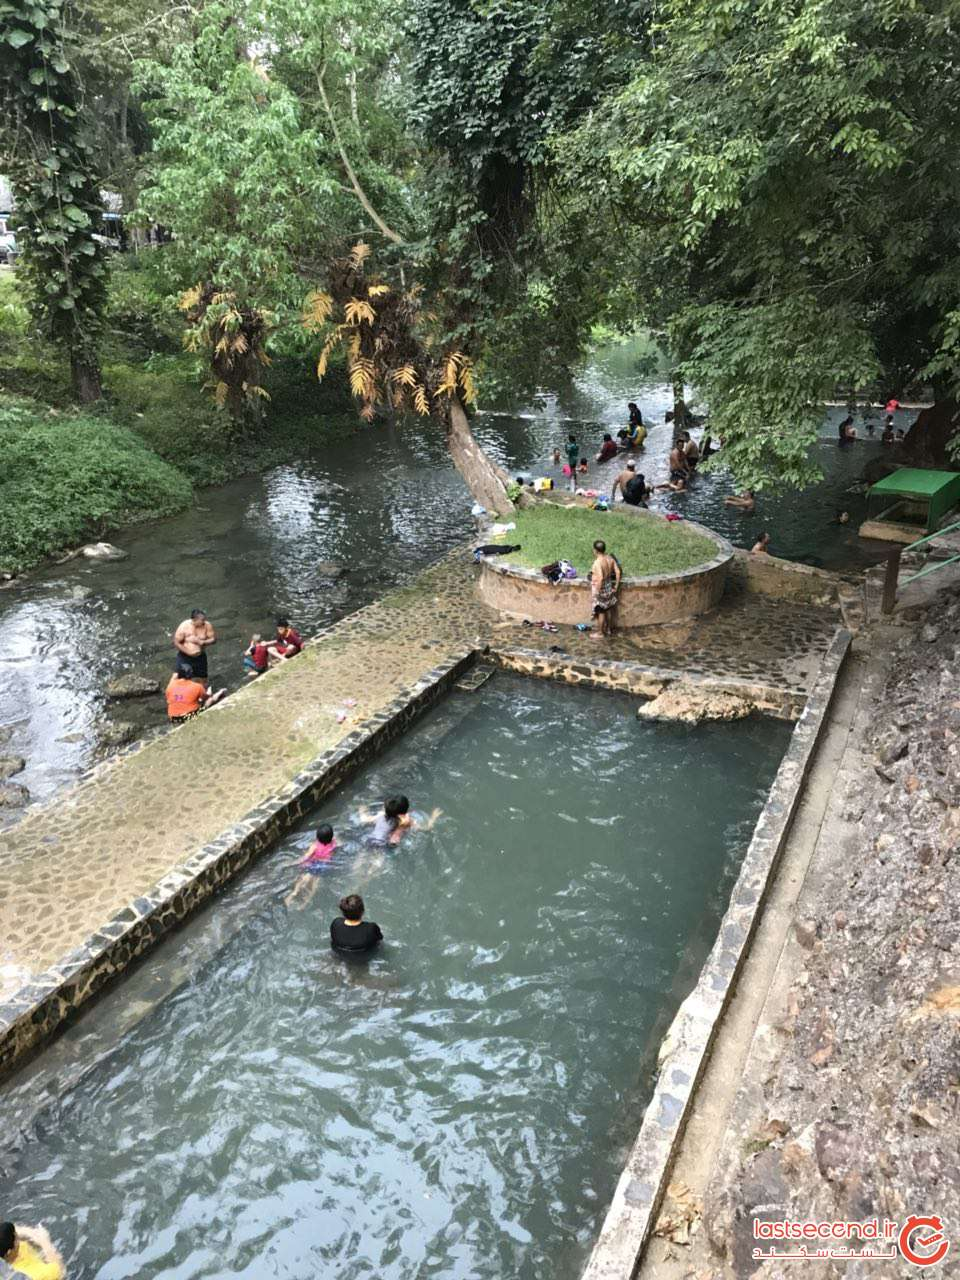 سفری جذاب، به یاد ماندنی و متفاوت به تایلند زیبا(پاتایا، کانچابوری، بانکوک)